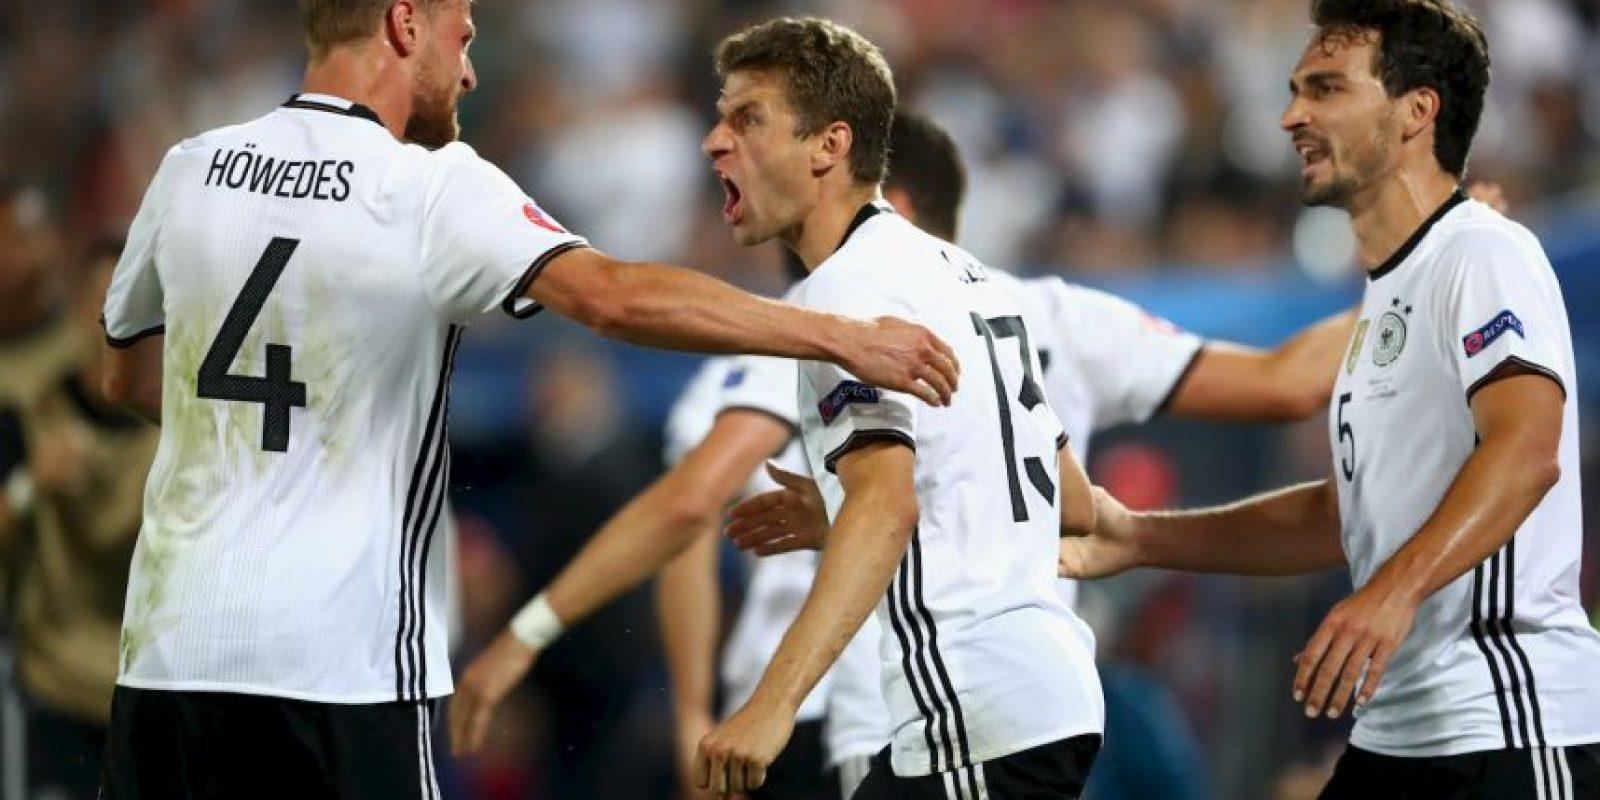 Los teutones ahora buscarán aumentar su racha ante Francia en un gran torneo, con quienes no pierden hace 58 años Foto:Getty Images